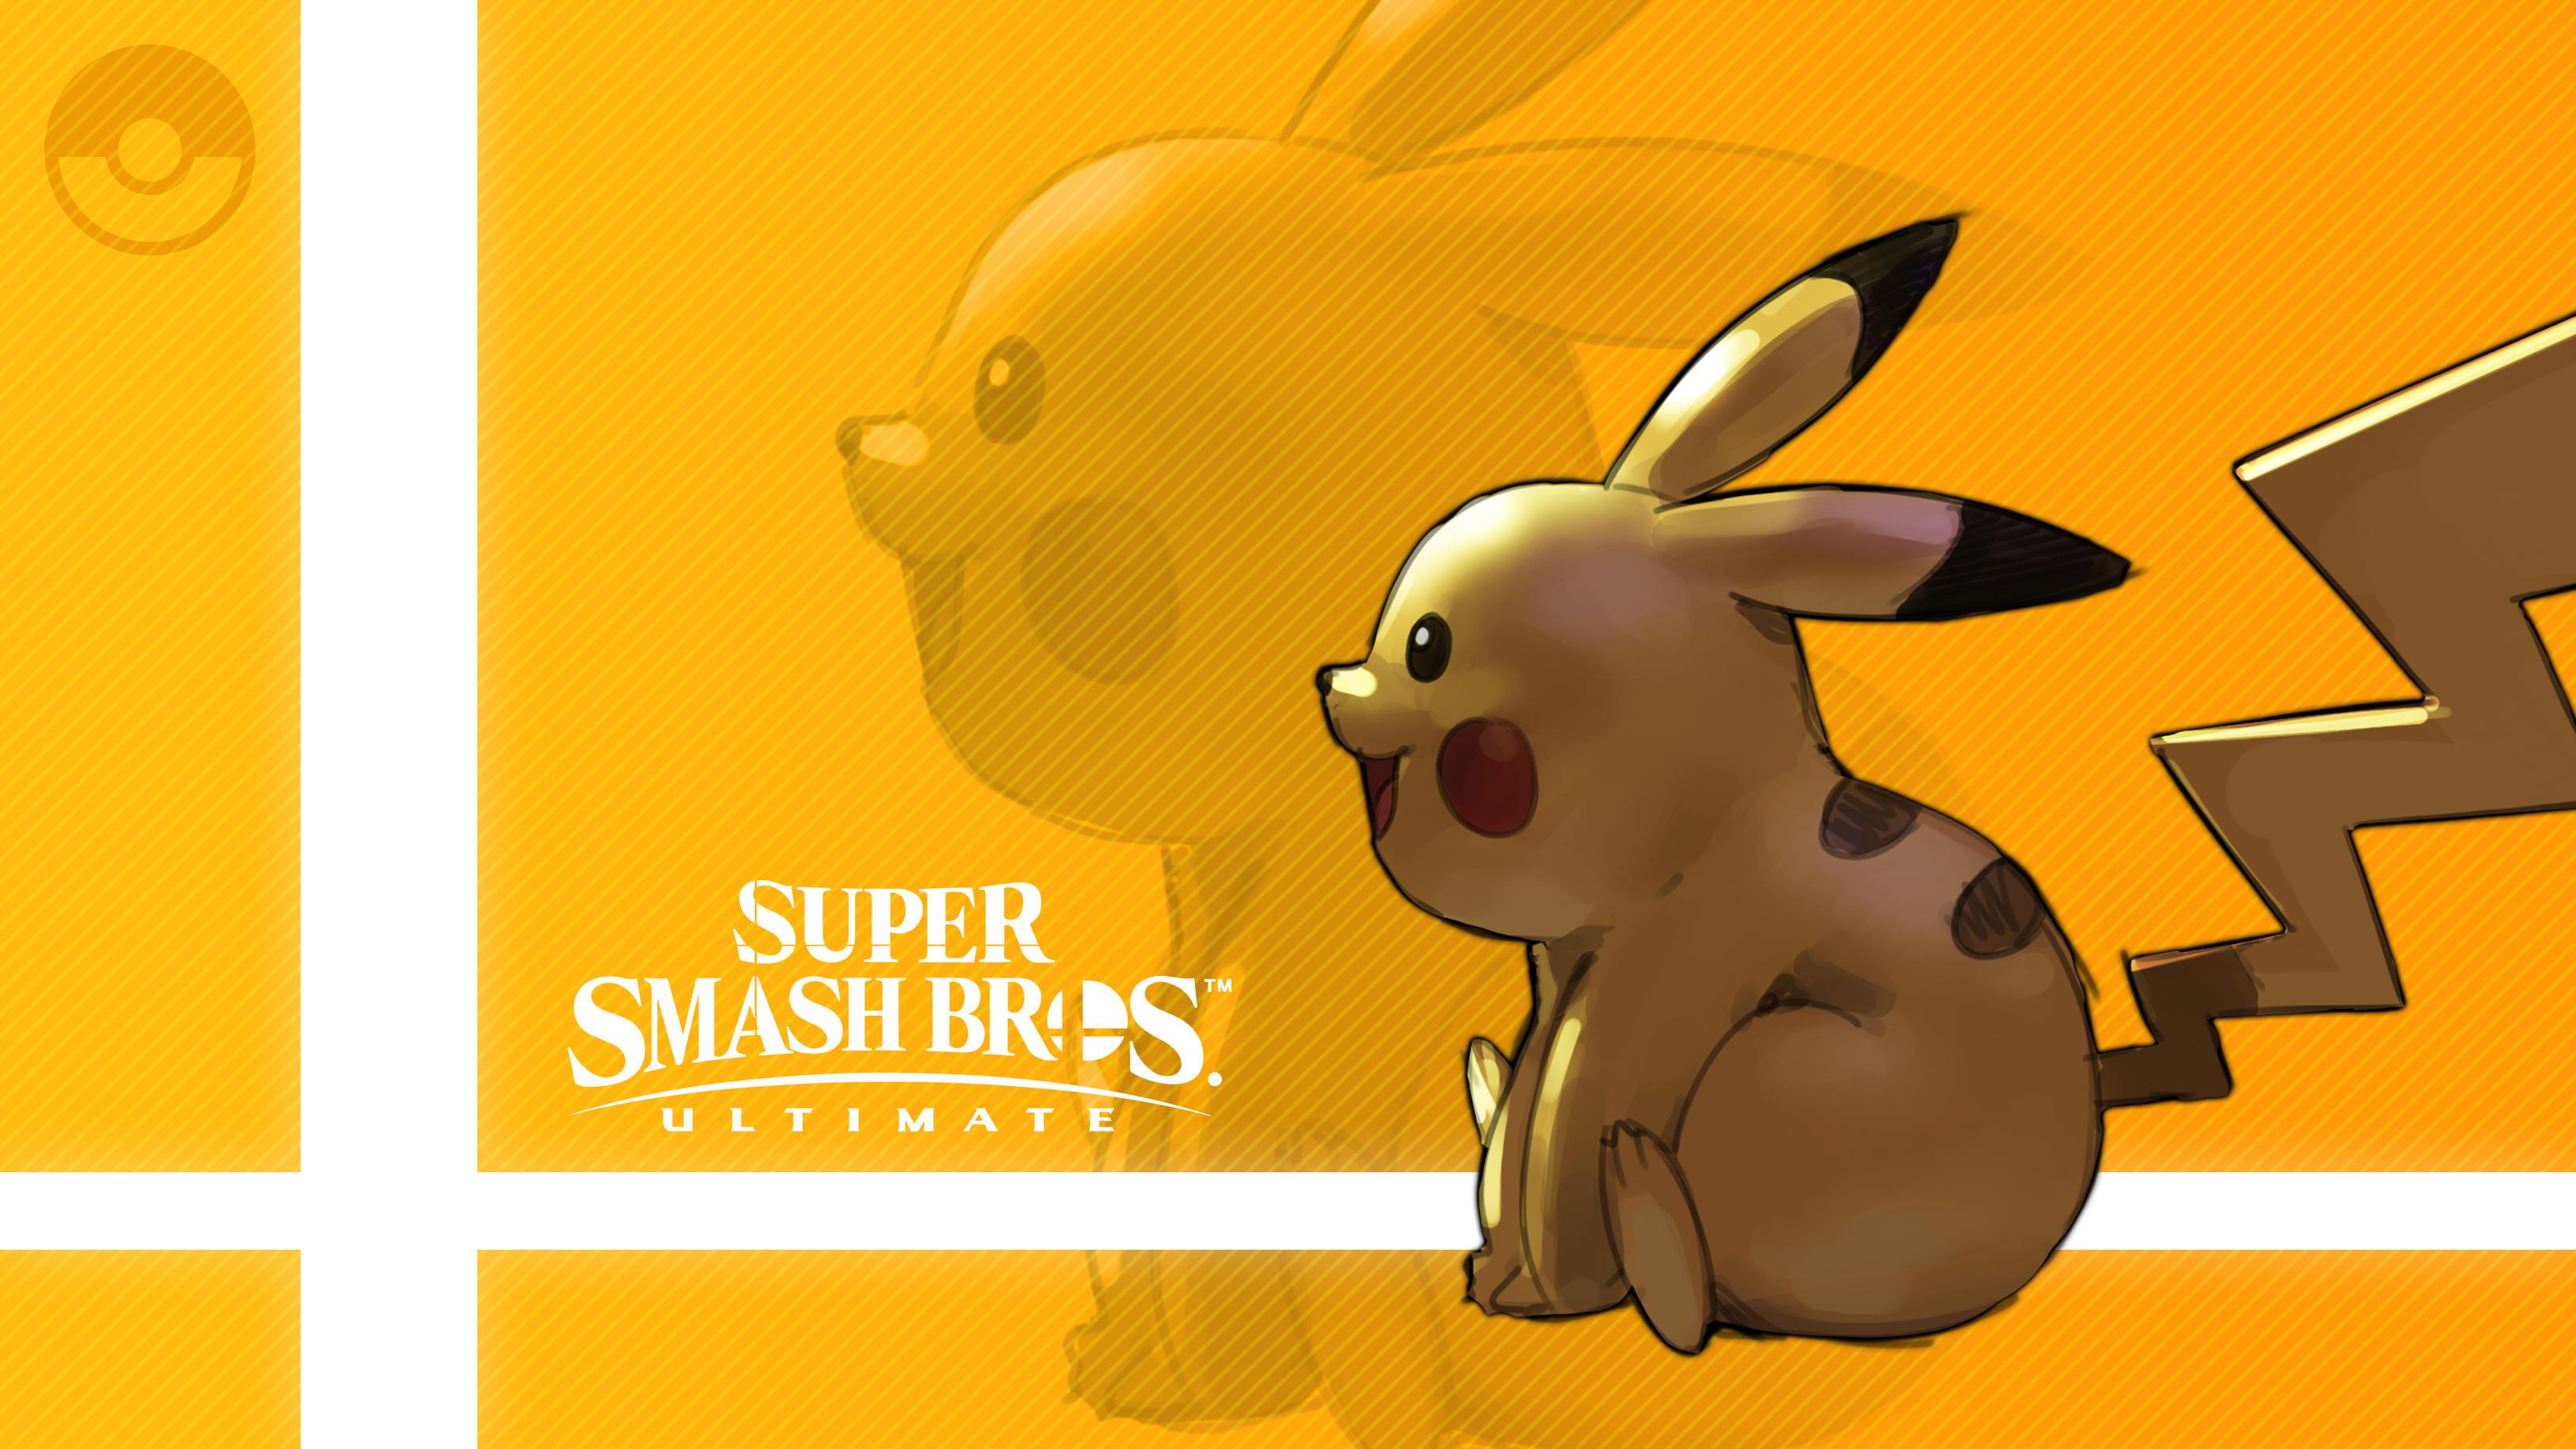 Pikachu In Super Smash Bros. Ultimate HD Wallpaper ...